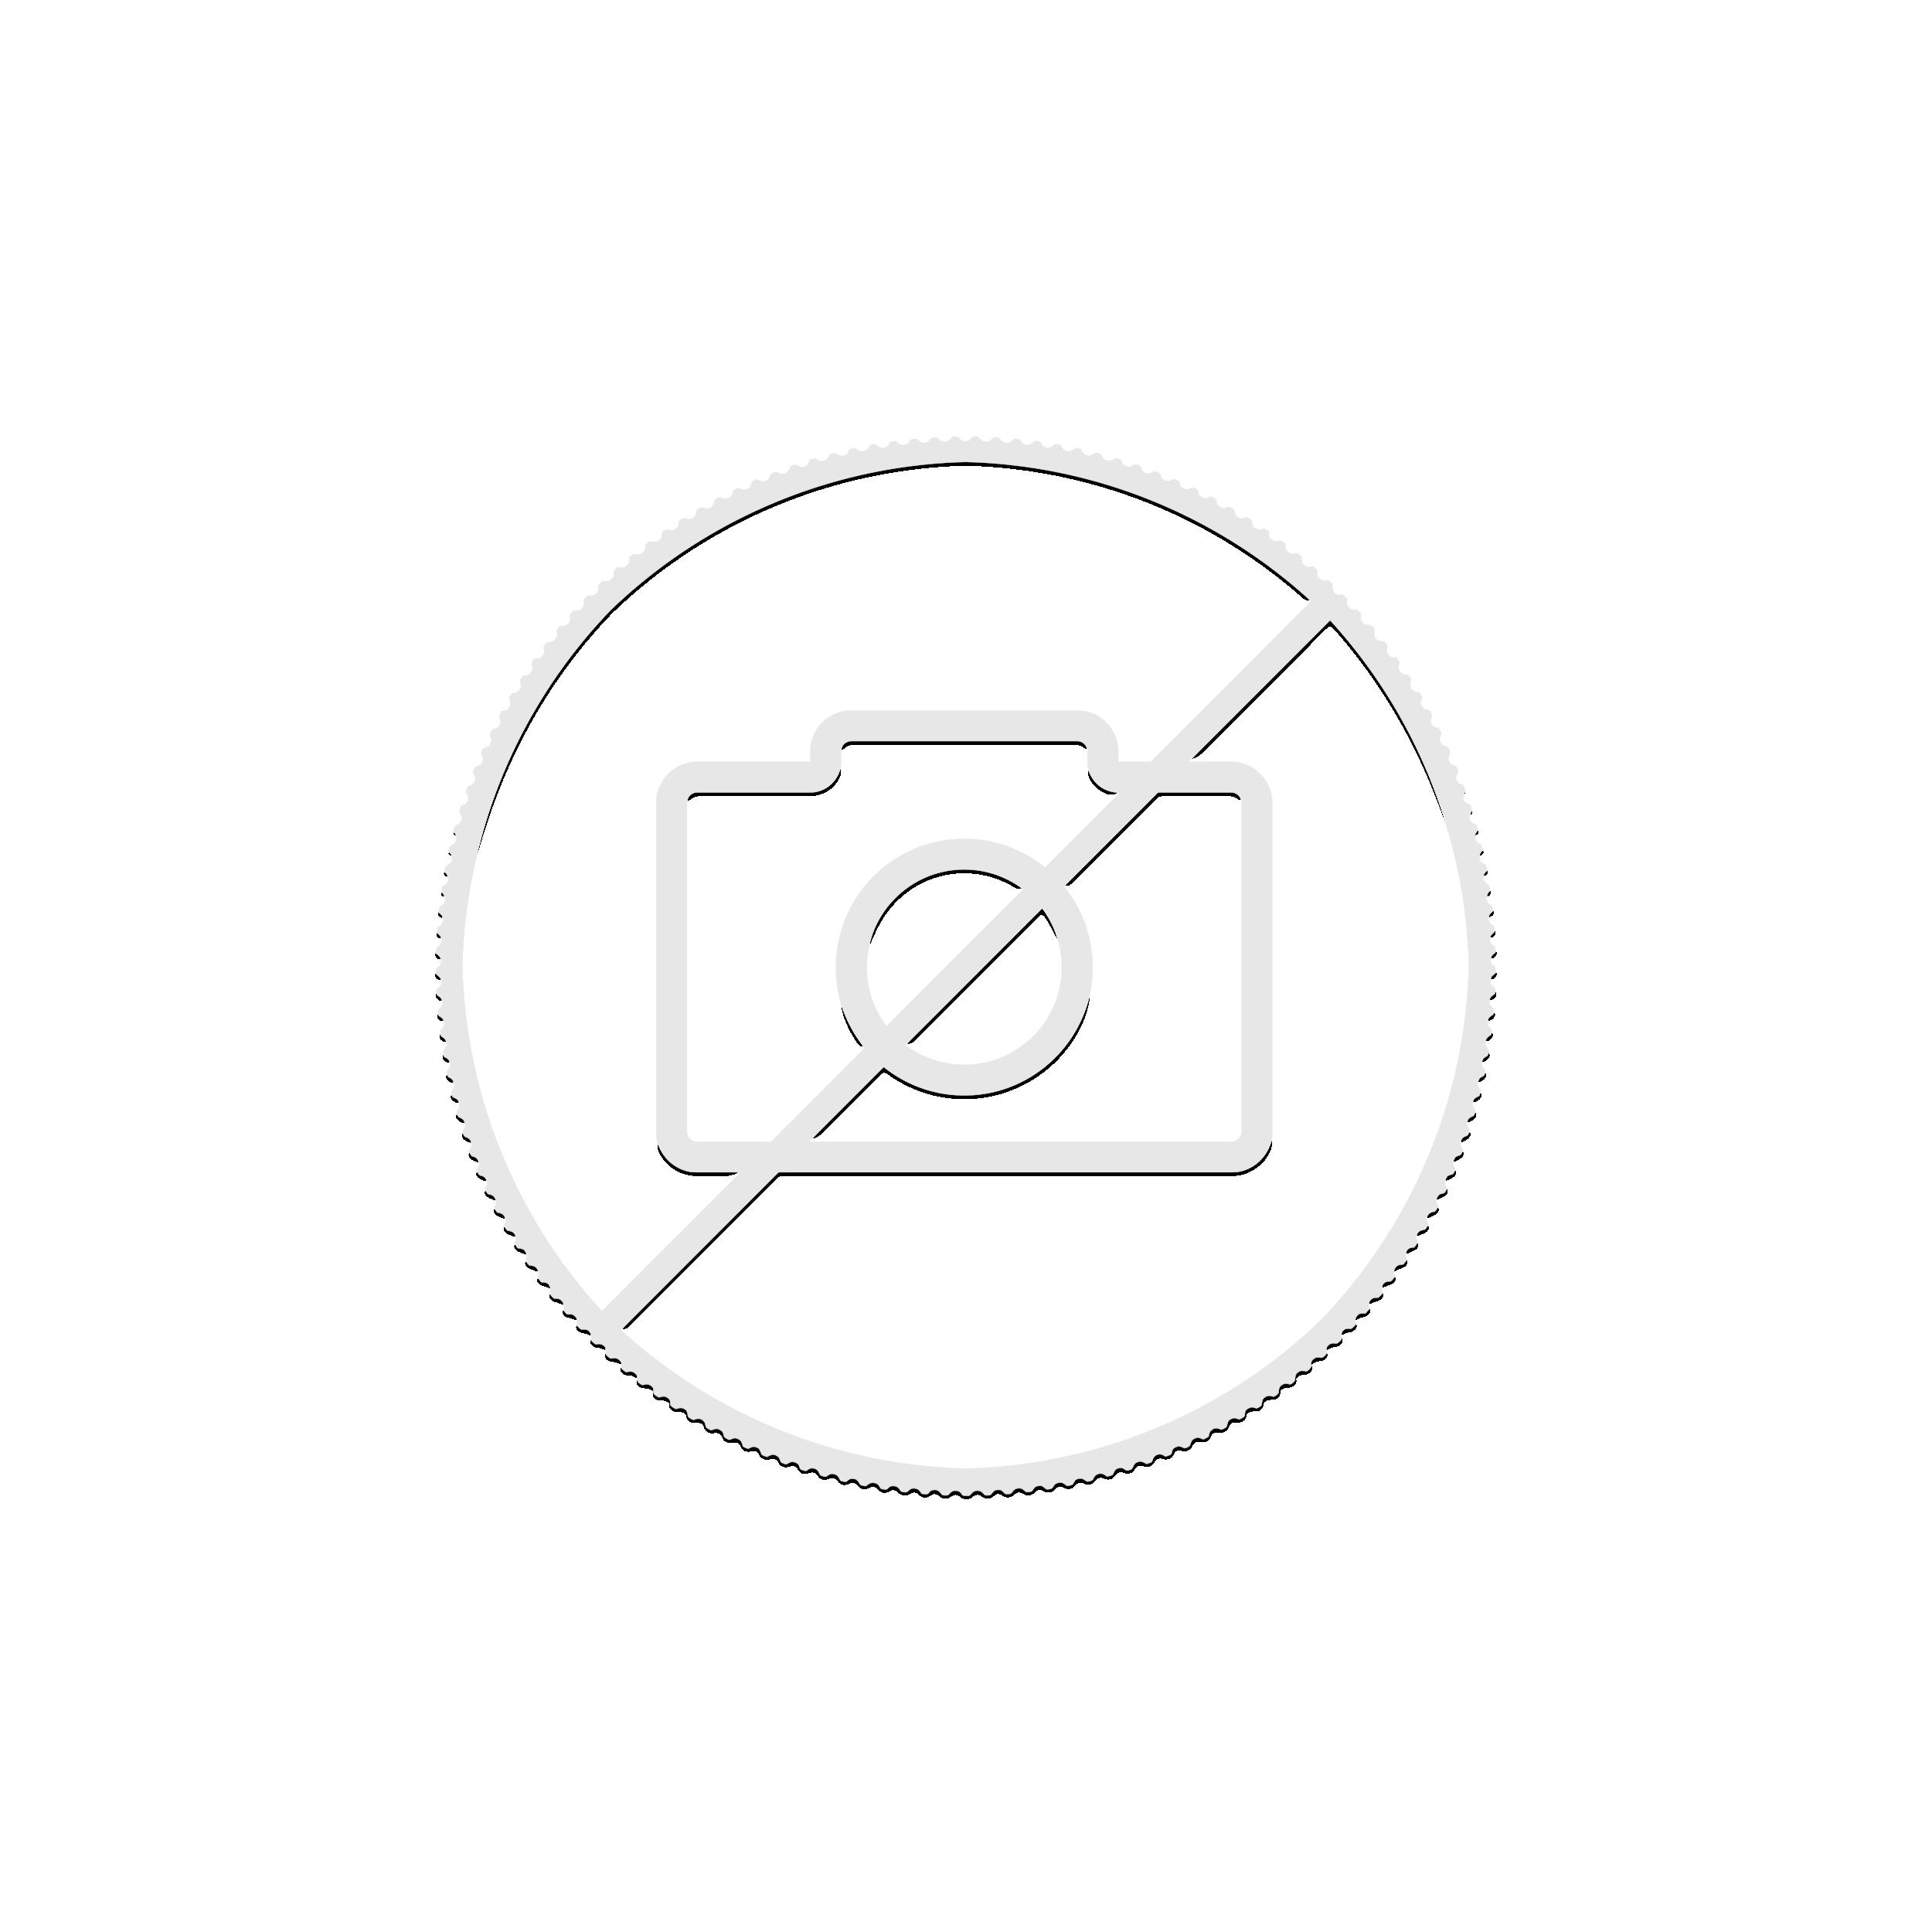 2 troy ounce zilveren munt Kookaburra 2020